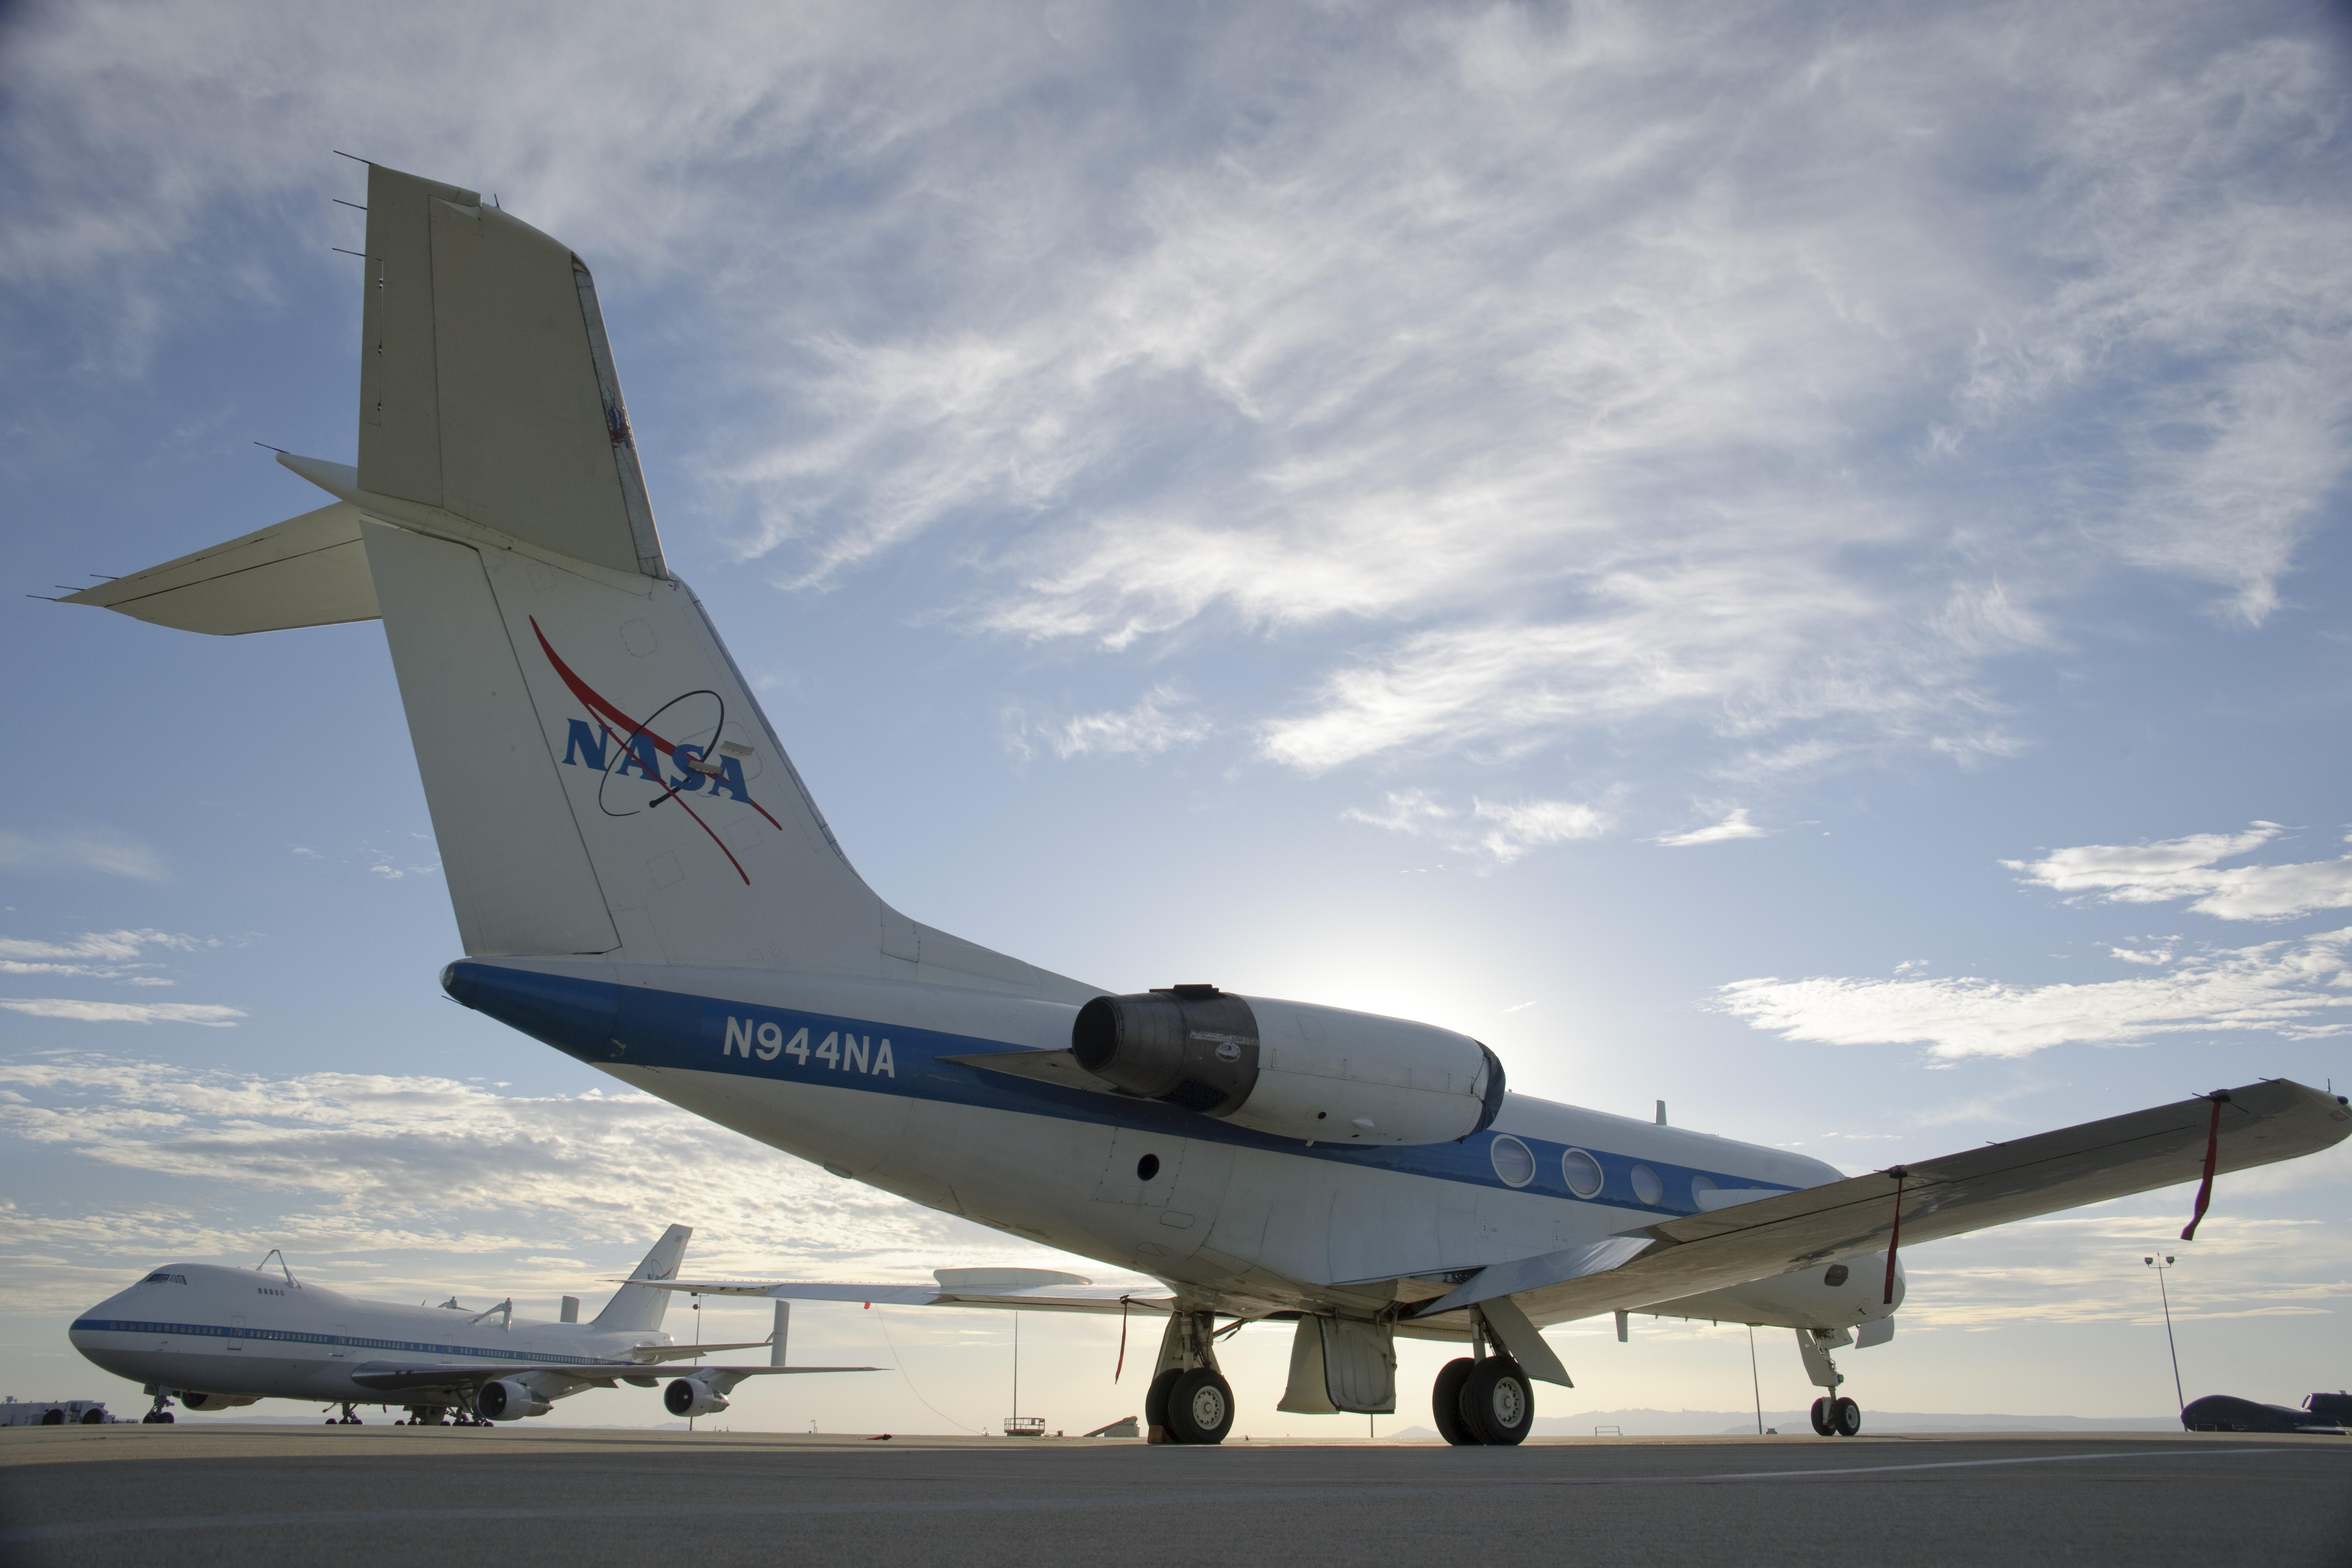 nasa aircraft inventory - HD6048×4032